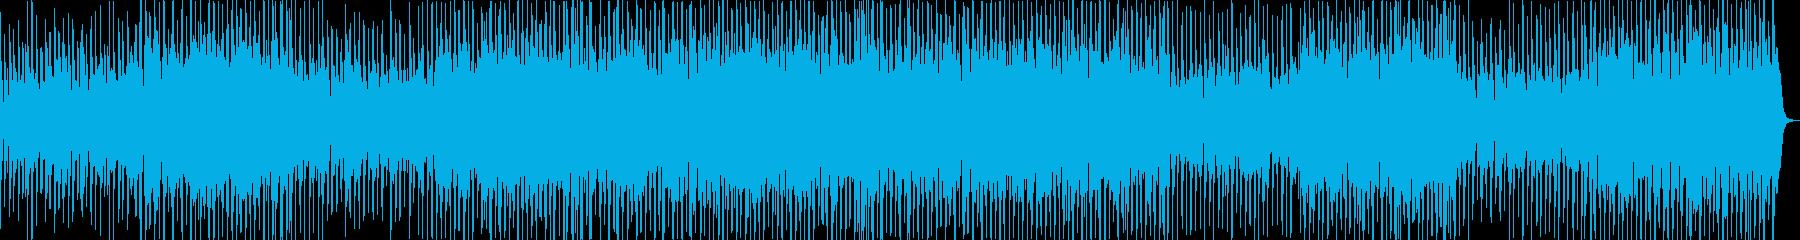 ほのぼのしたアコーディオンのカントリー曲の再生済みの波形